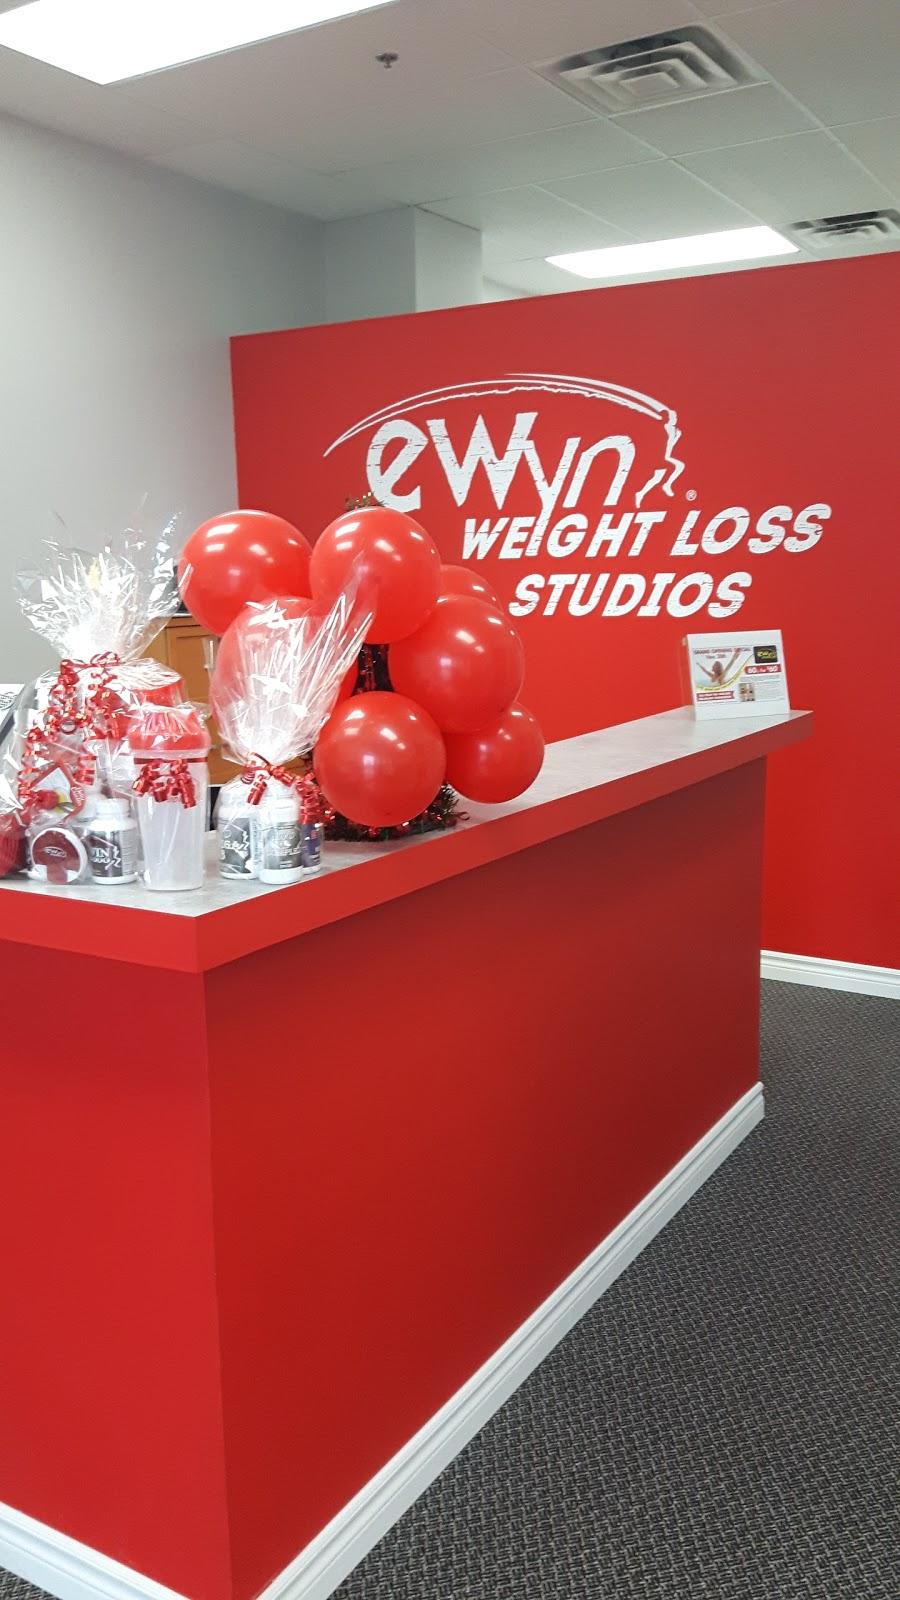 Ewyn Weight Loss Studios | health | 353 Anne St N #4, Barrie, ON L4N 7Z9, Canada | 7055033996 OR +1 705-503-3996